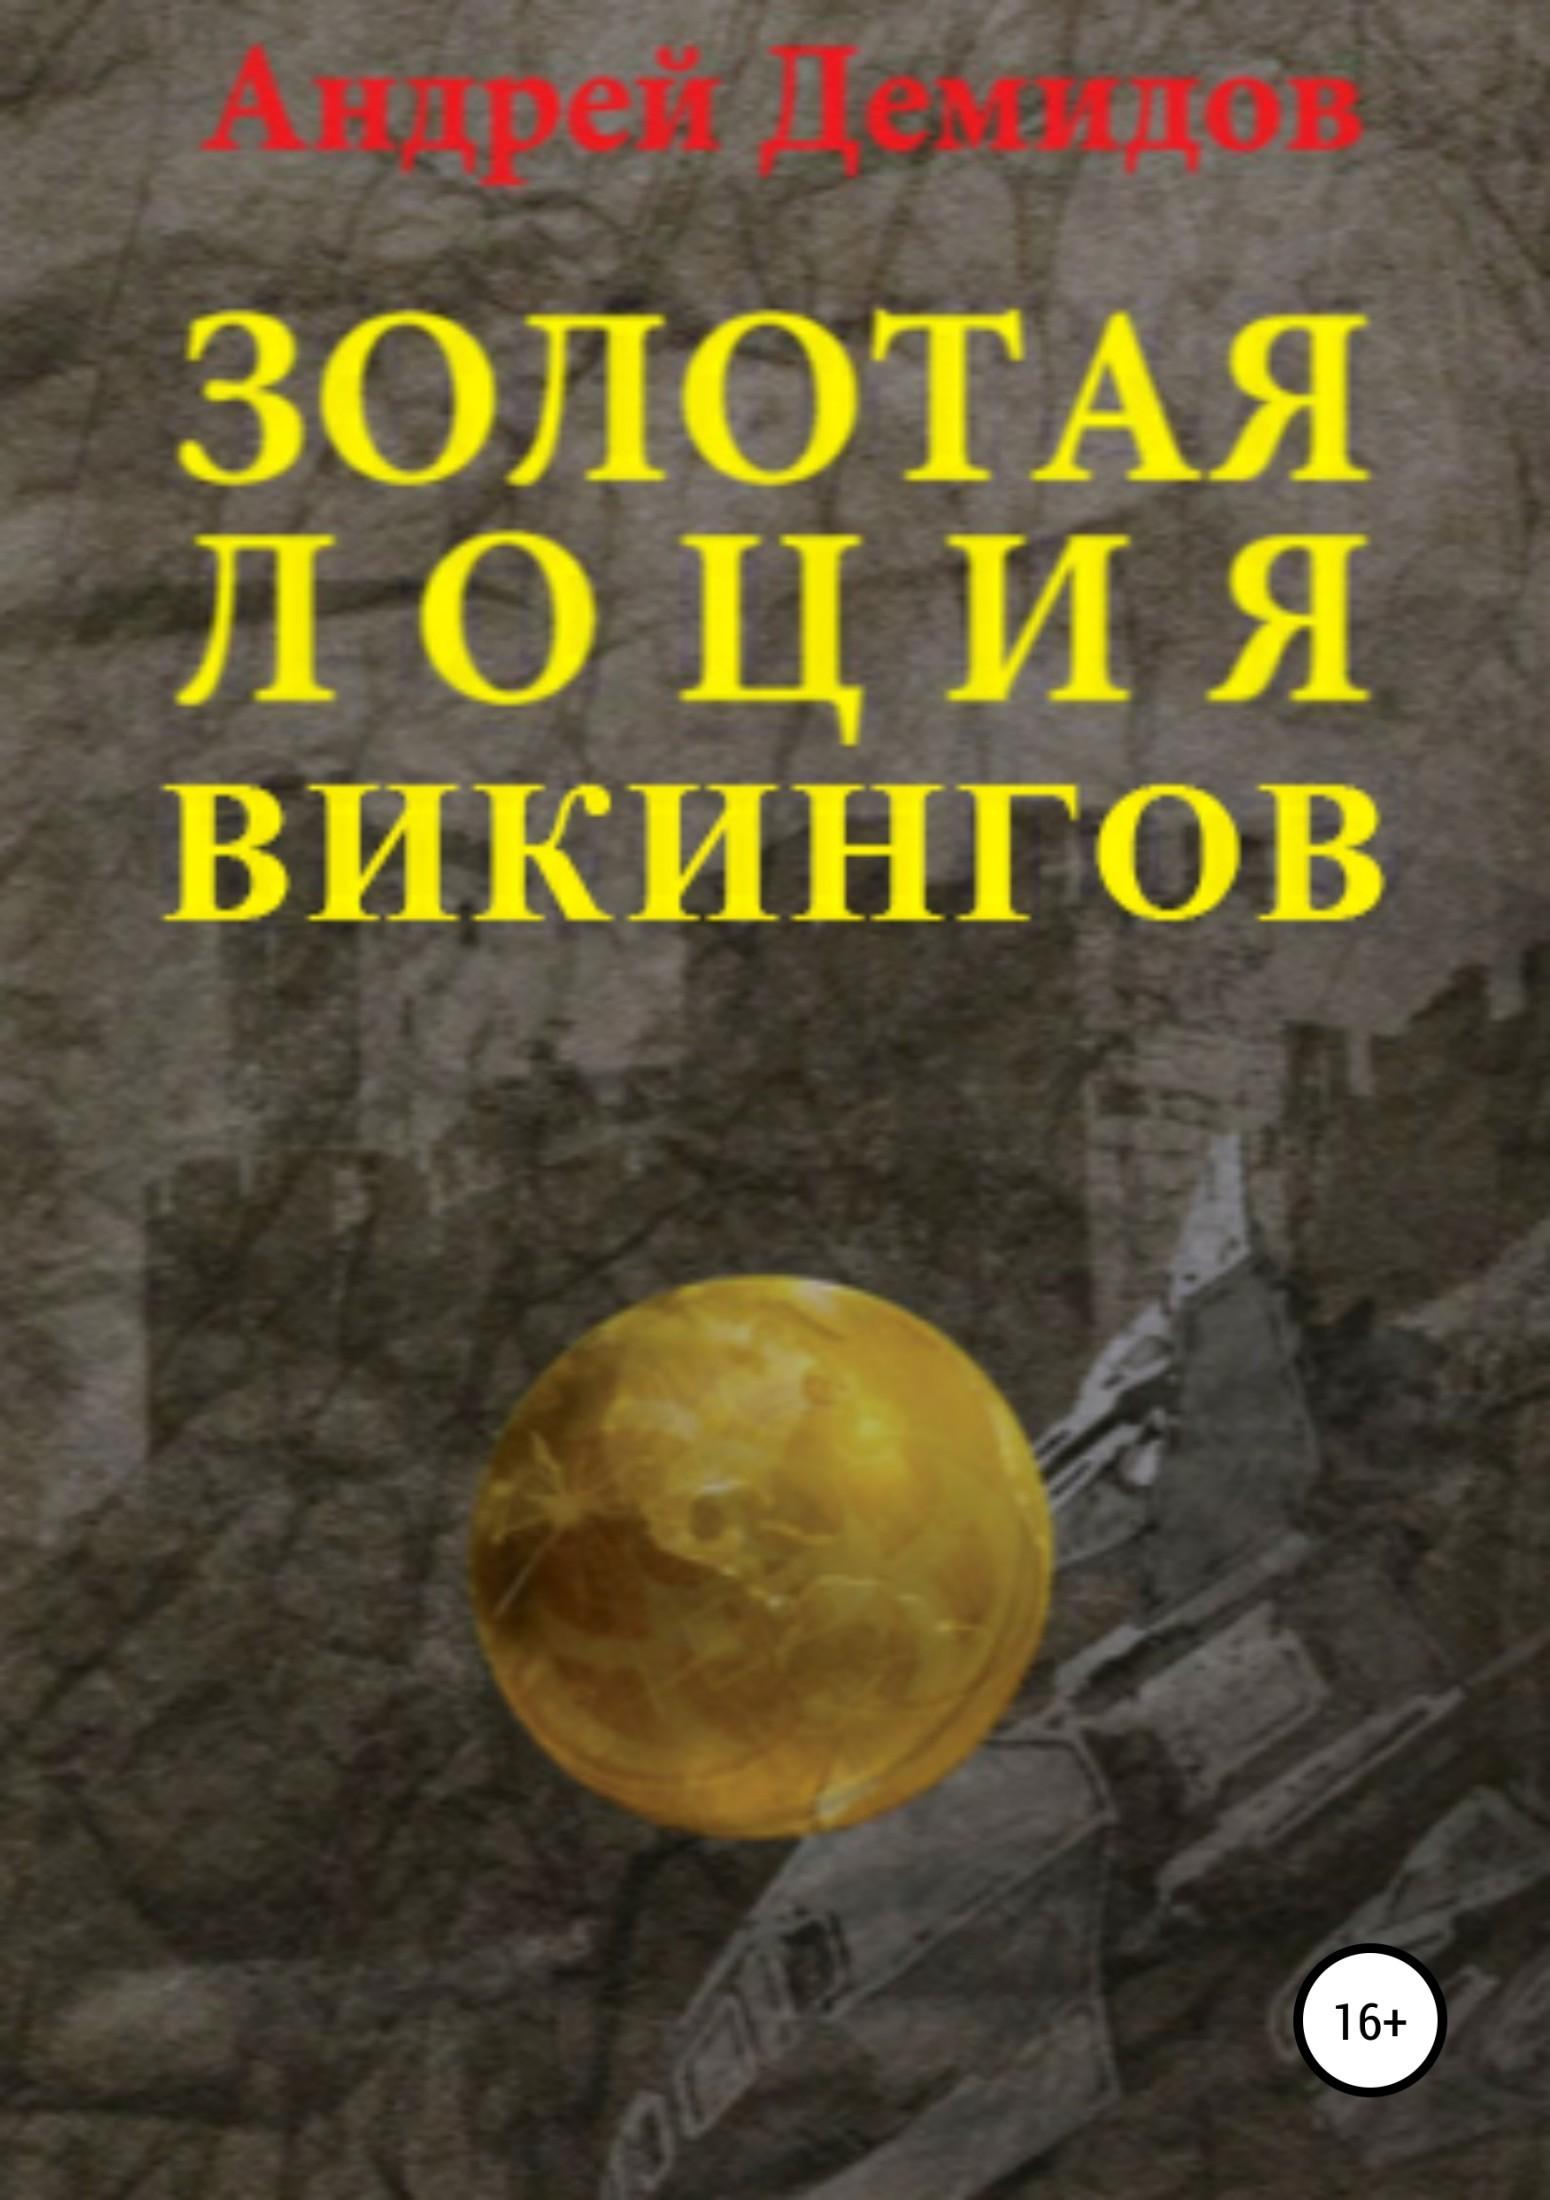 Андрей Демидов - Золотая лоция викингов